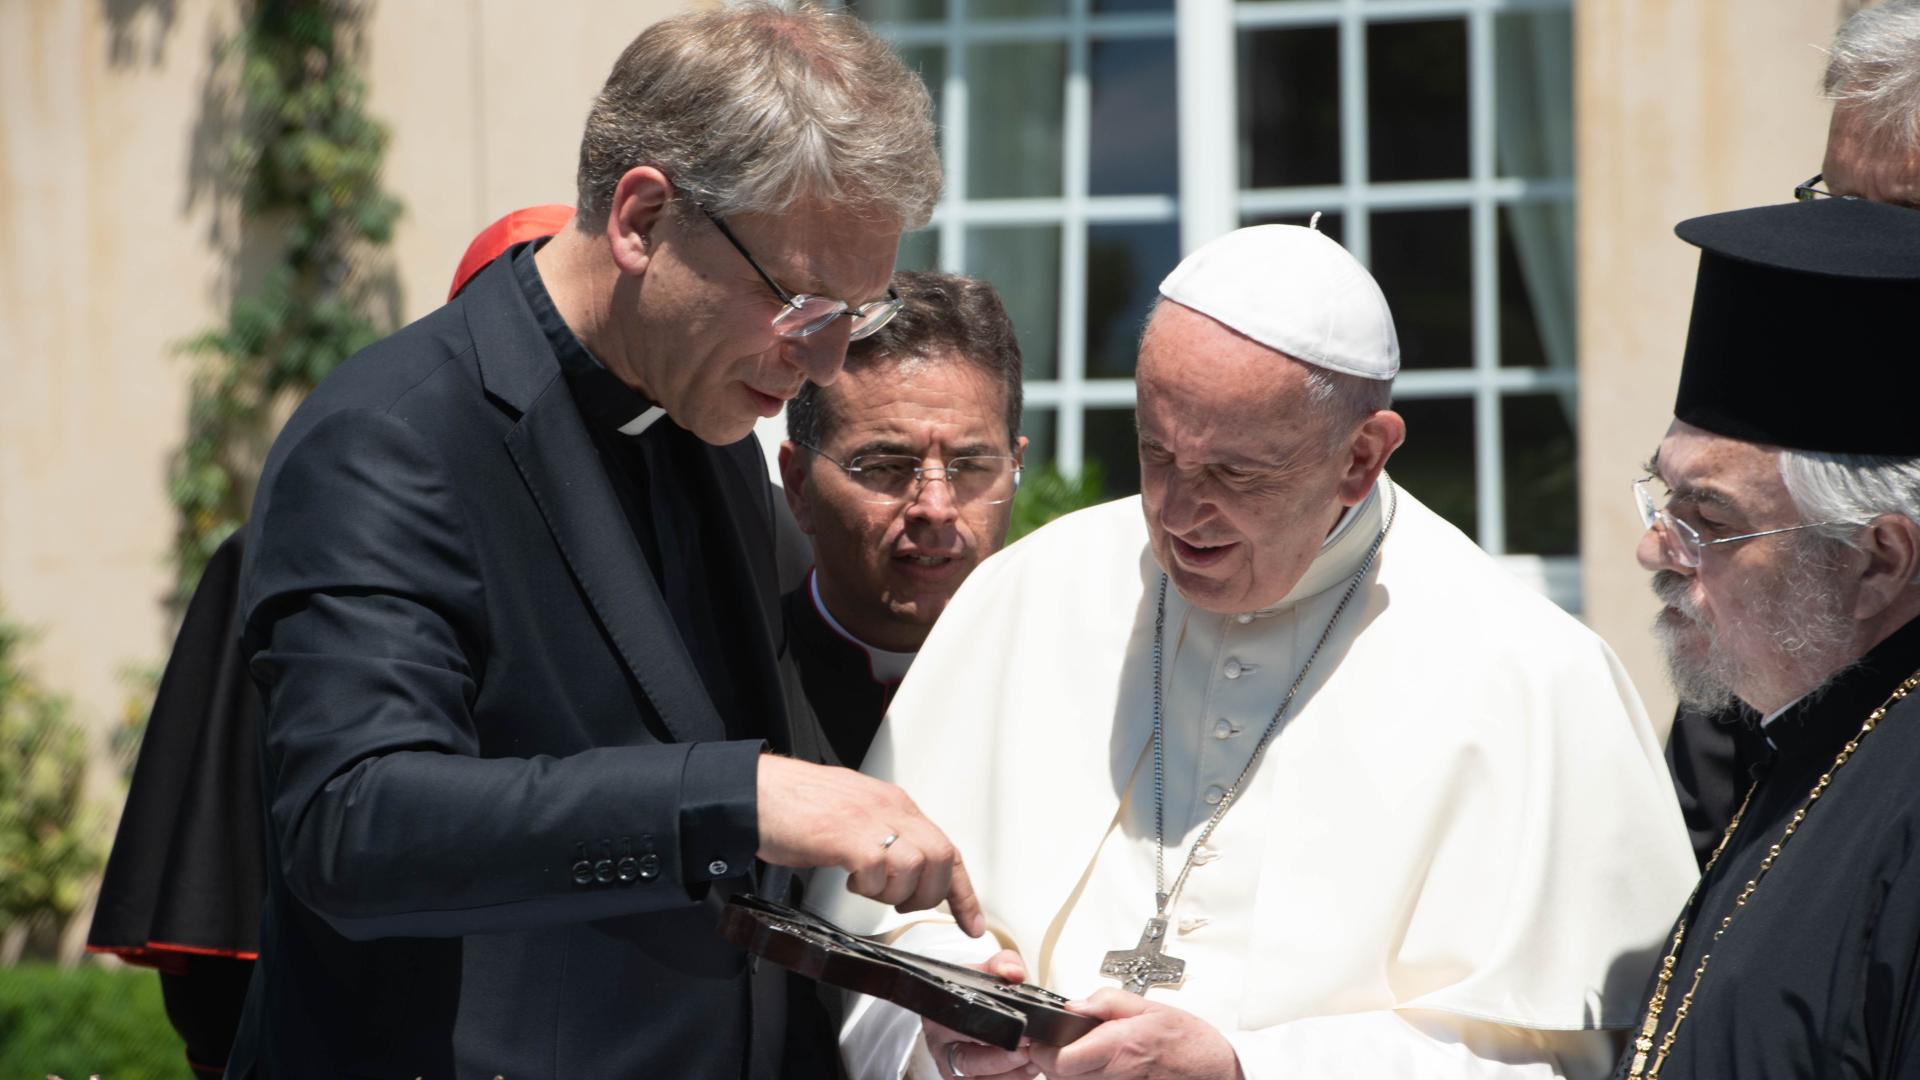 Geschenke für Papst Franziskus | © WWC